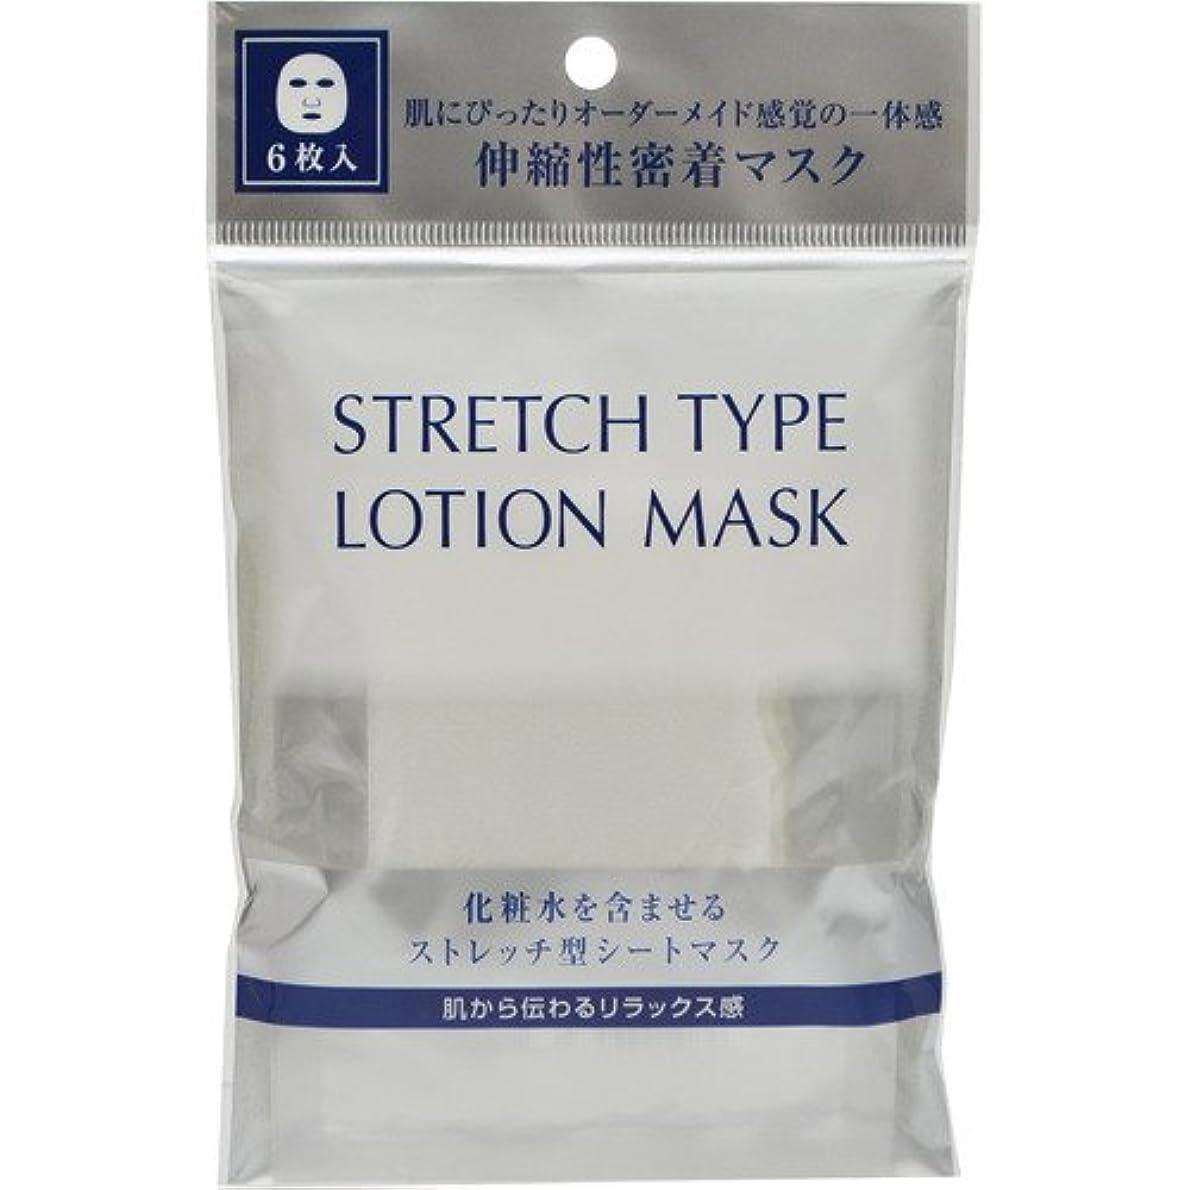 赤面エイズ肘コーセー 雪肌精 シュープレム ローションマスク (ストレッチシートタイプ) 6枚入り